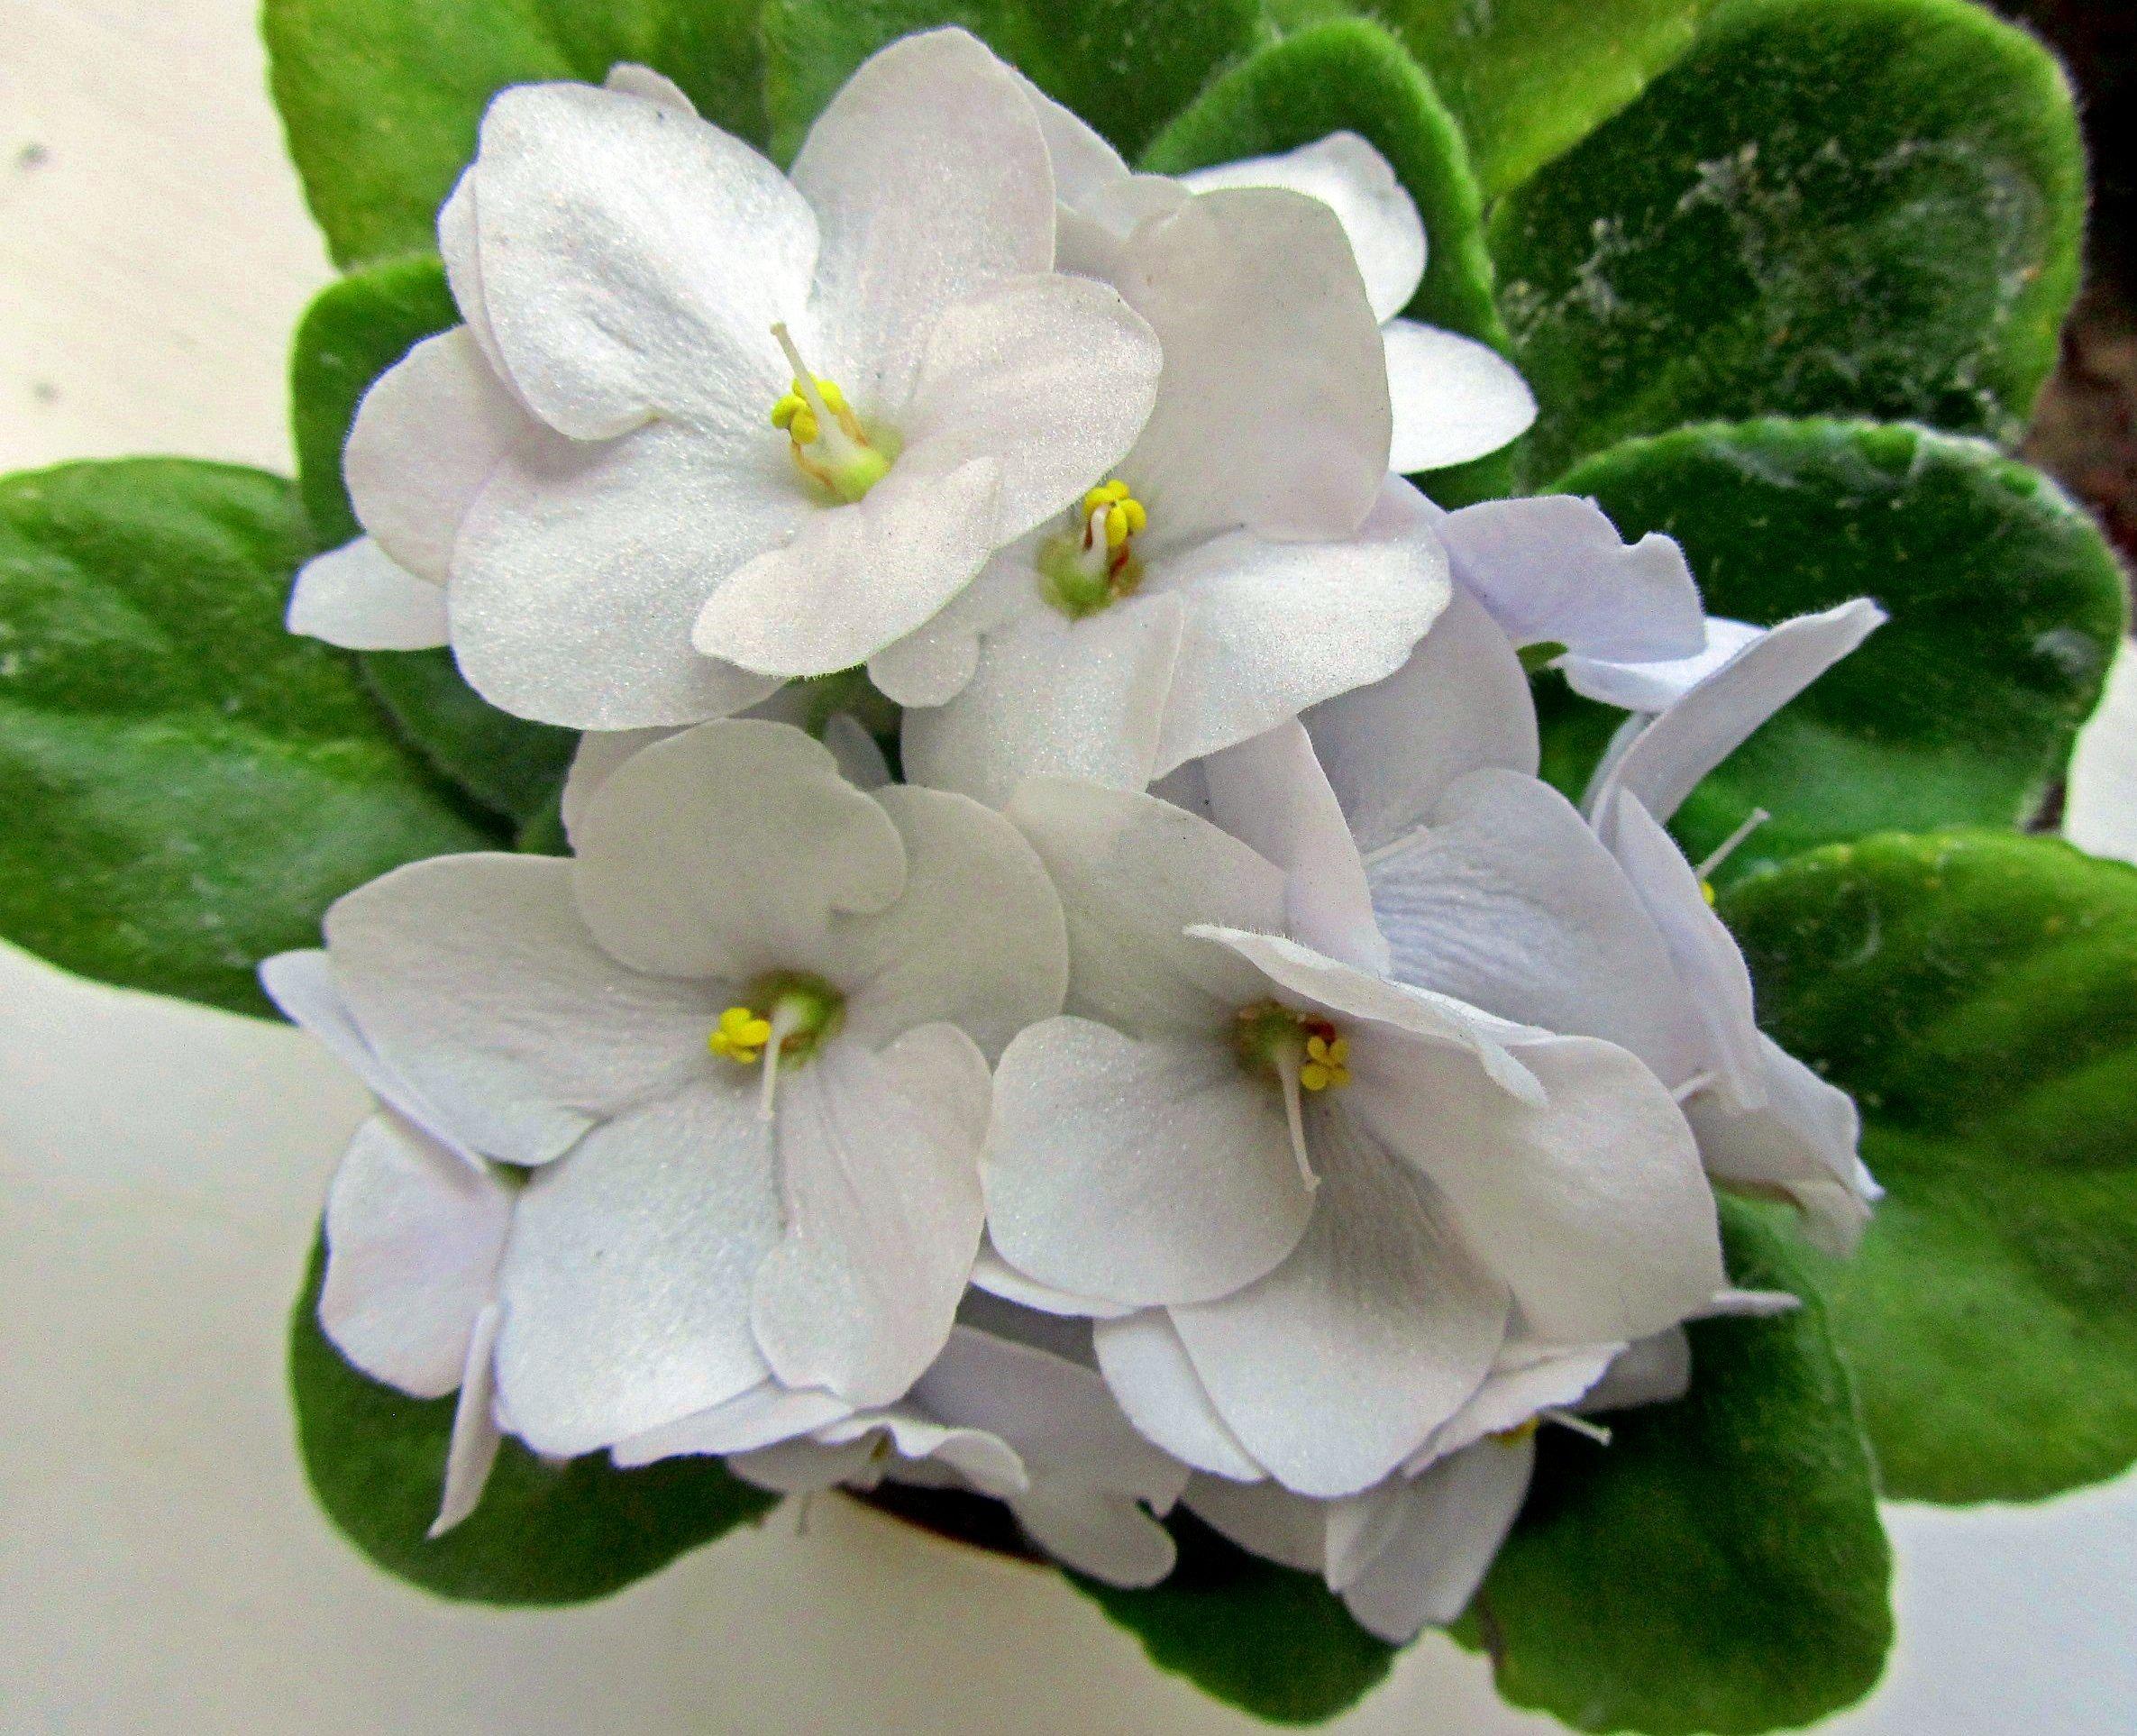 фиалка белая лилия фото размер цветка